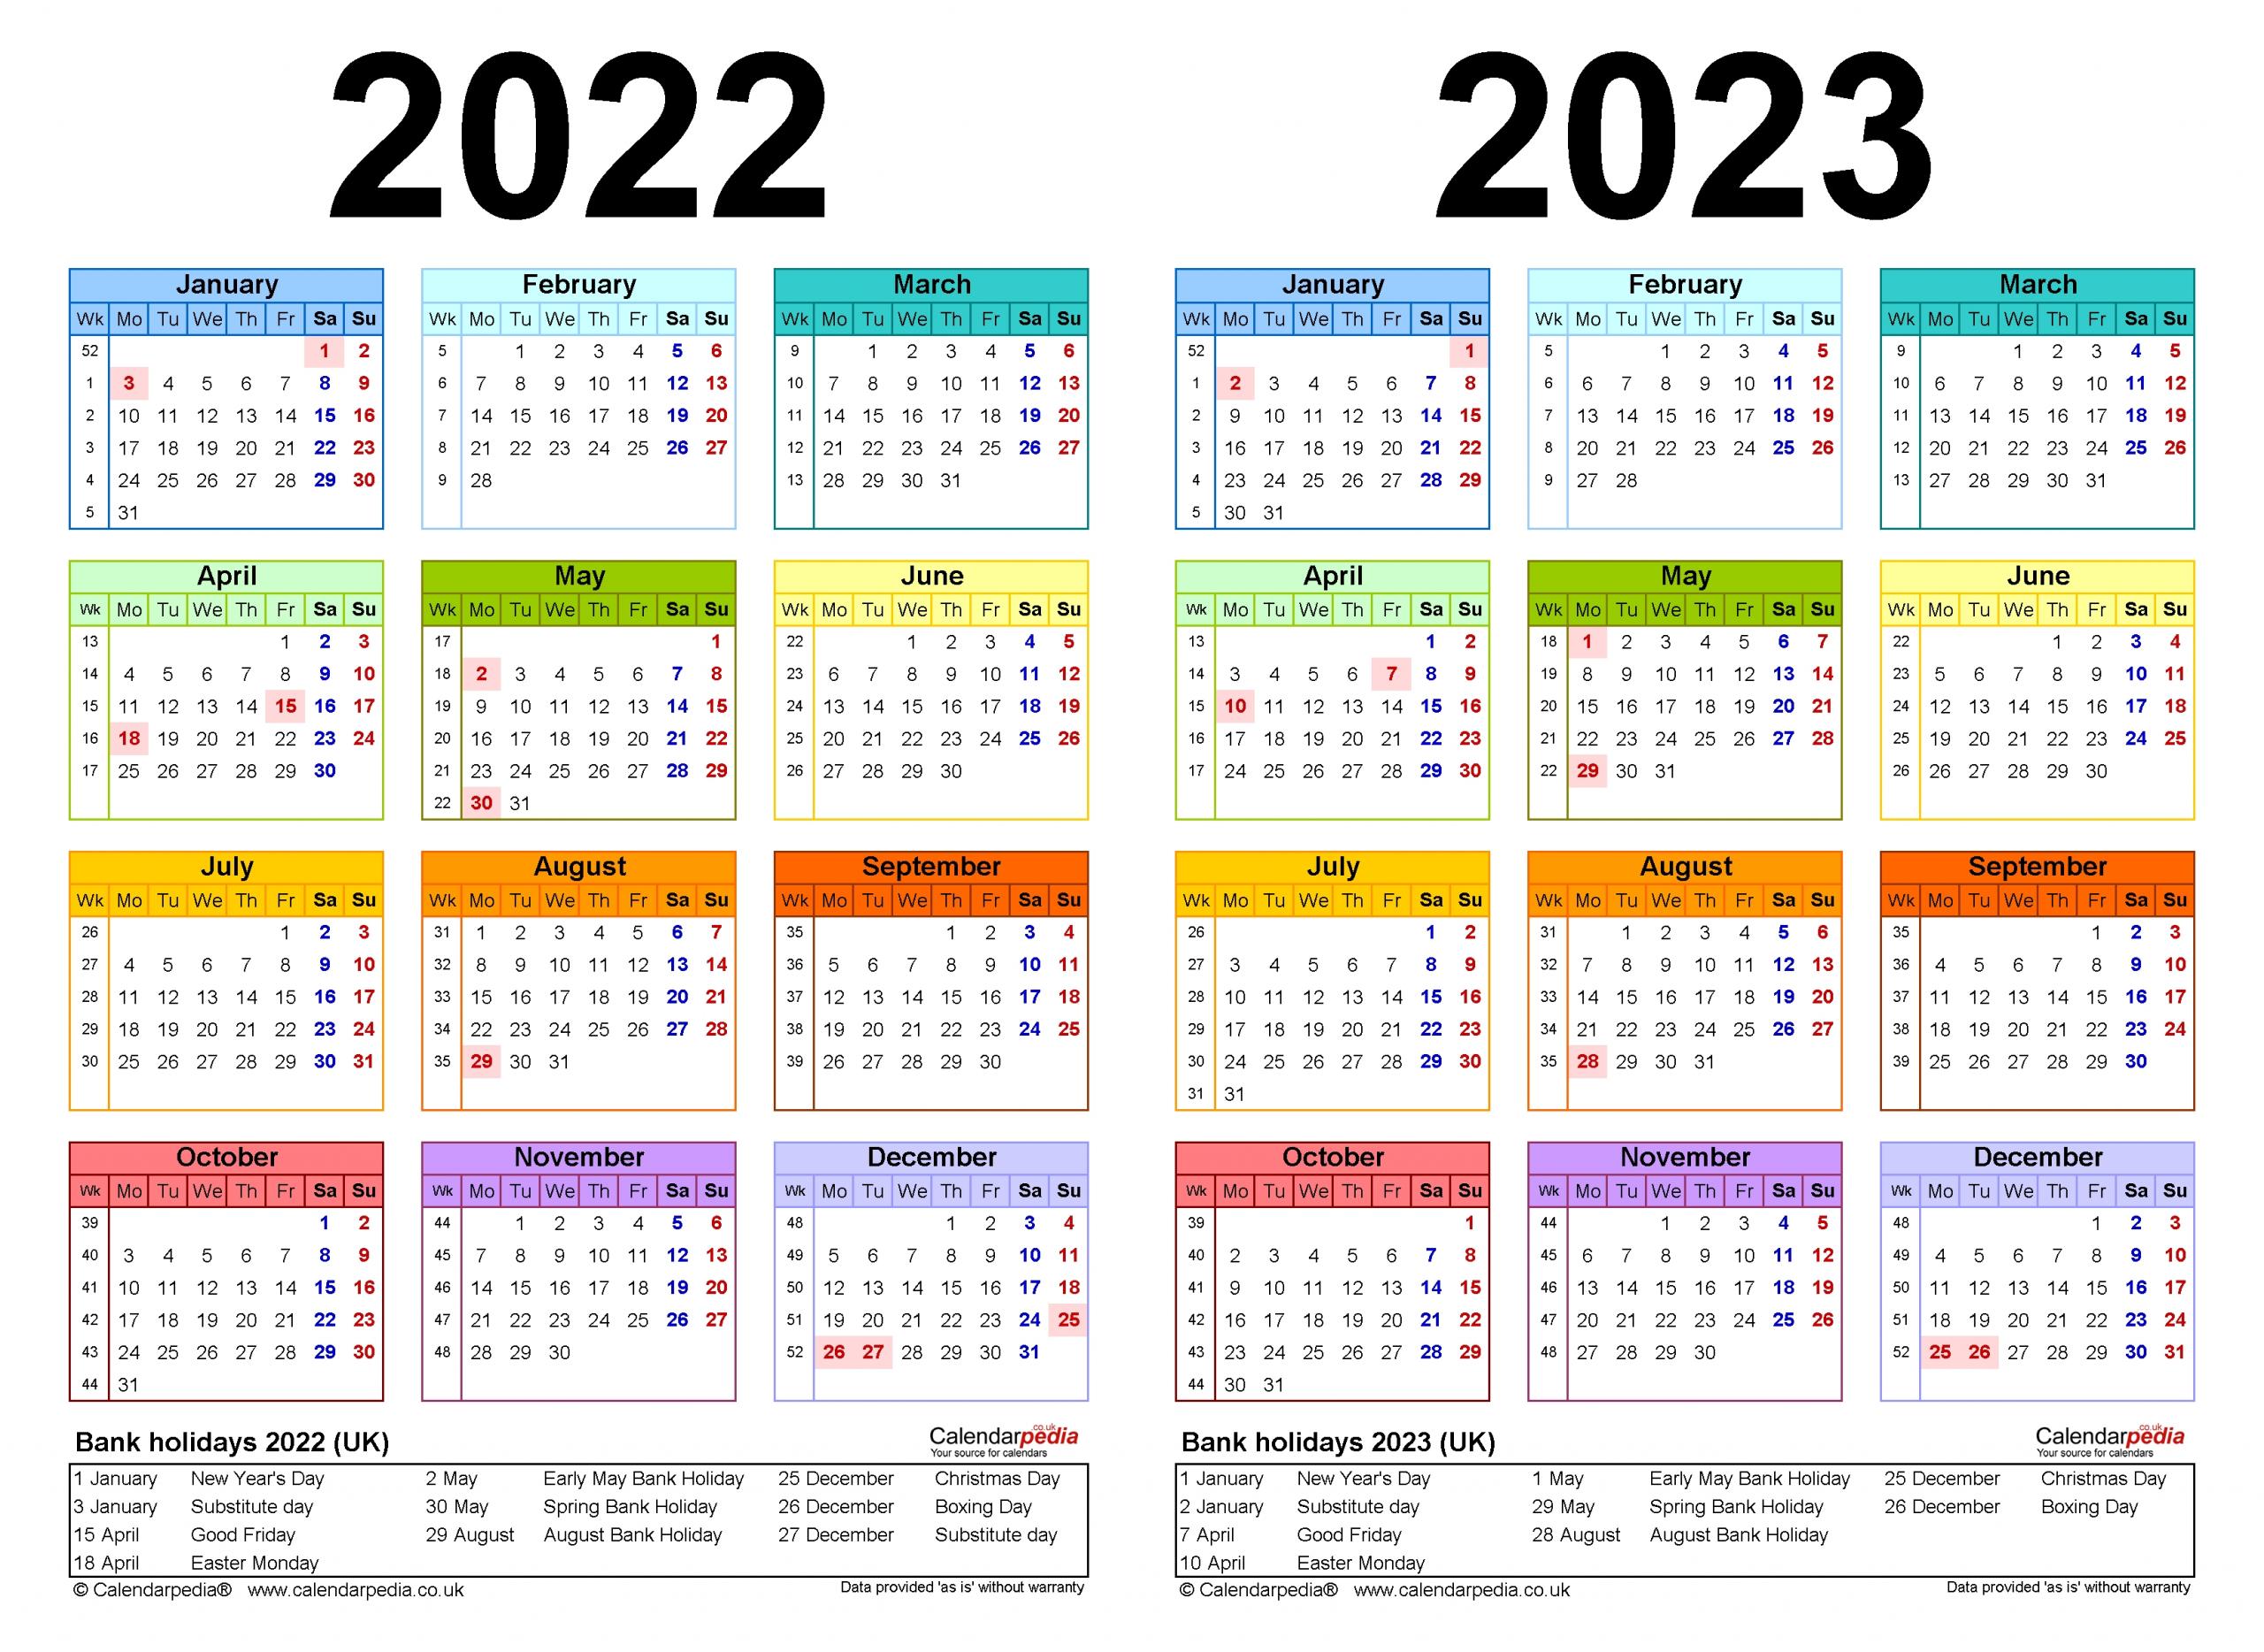 Get Calendar For 2022 & 2023